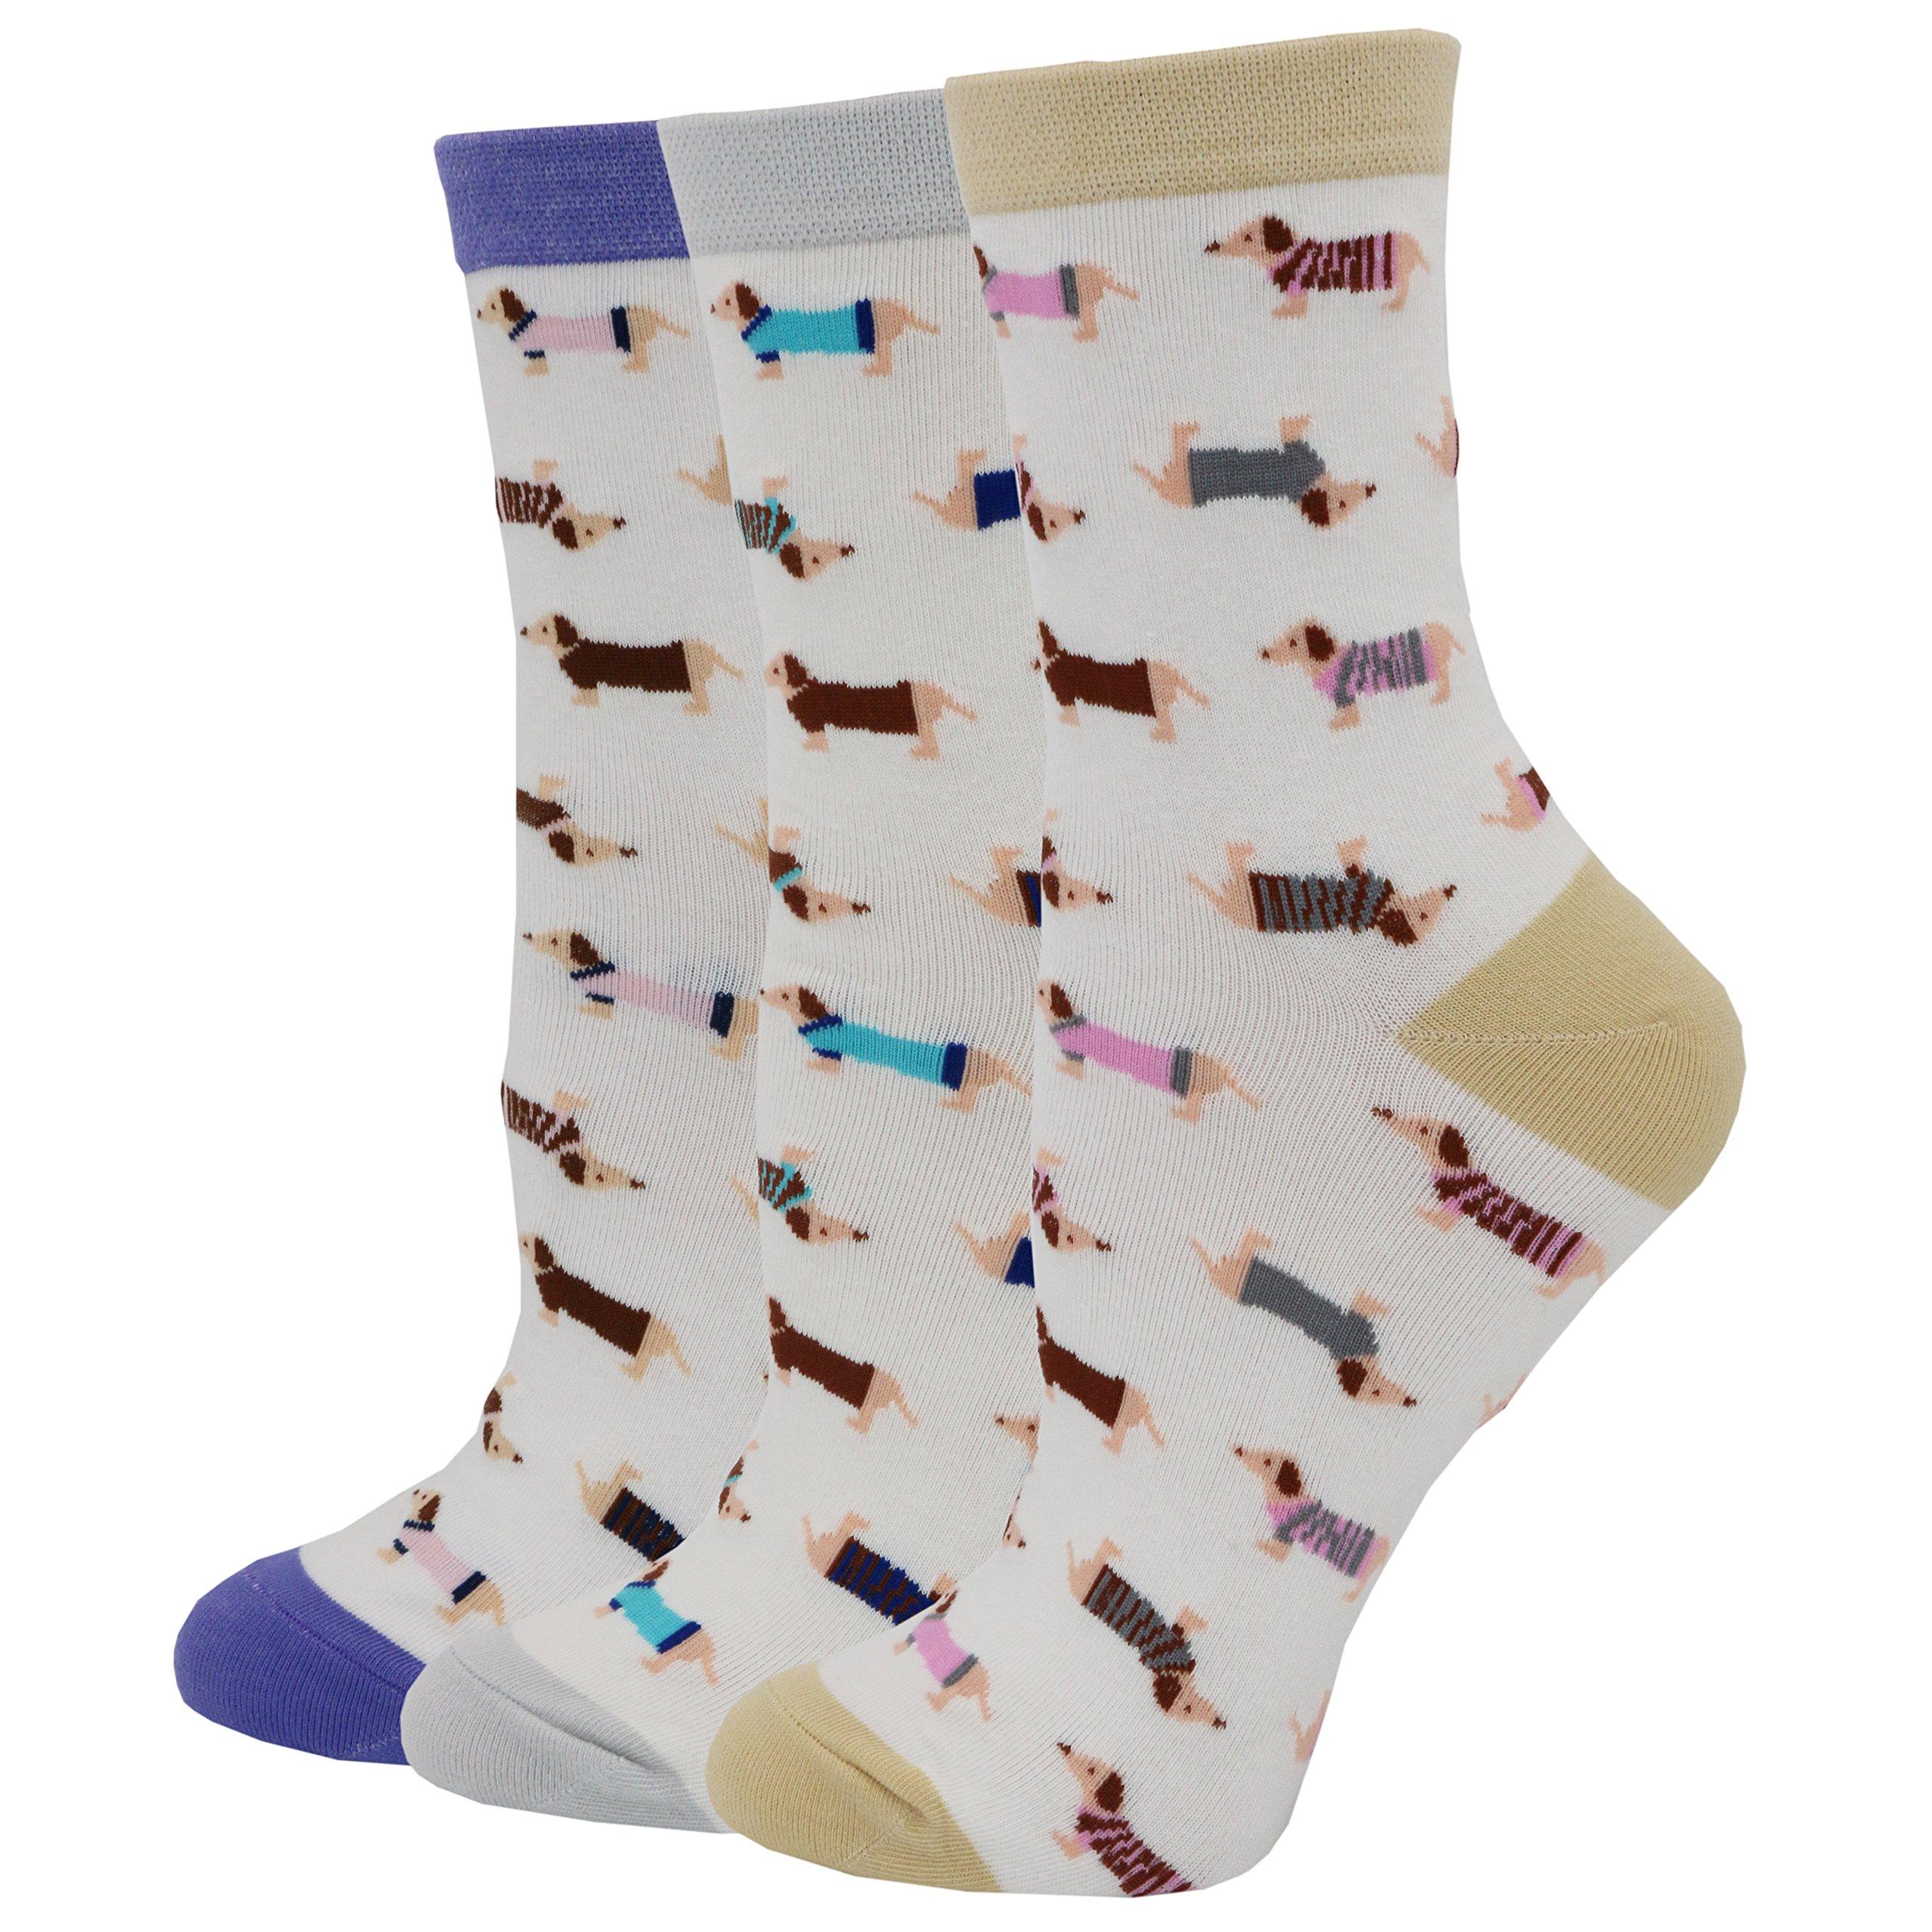 Pomlia Women's Haute Dachshund Socks Dog Socks (OneSize, D01)